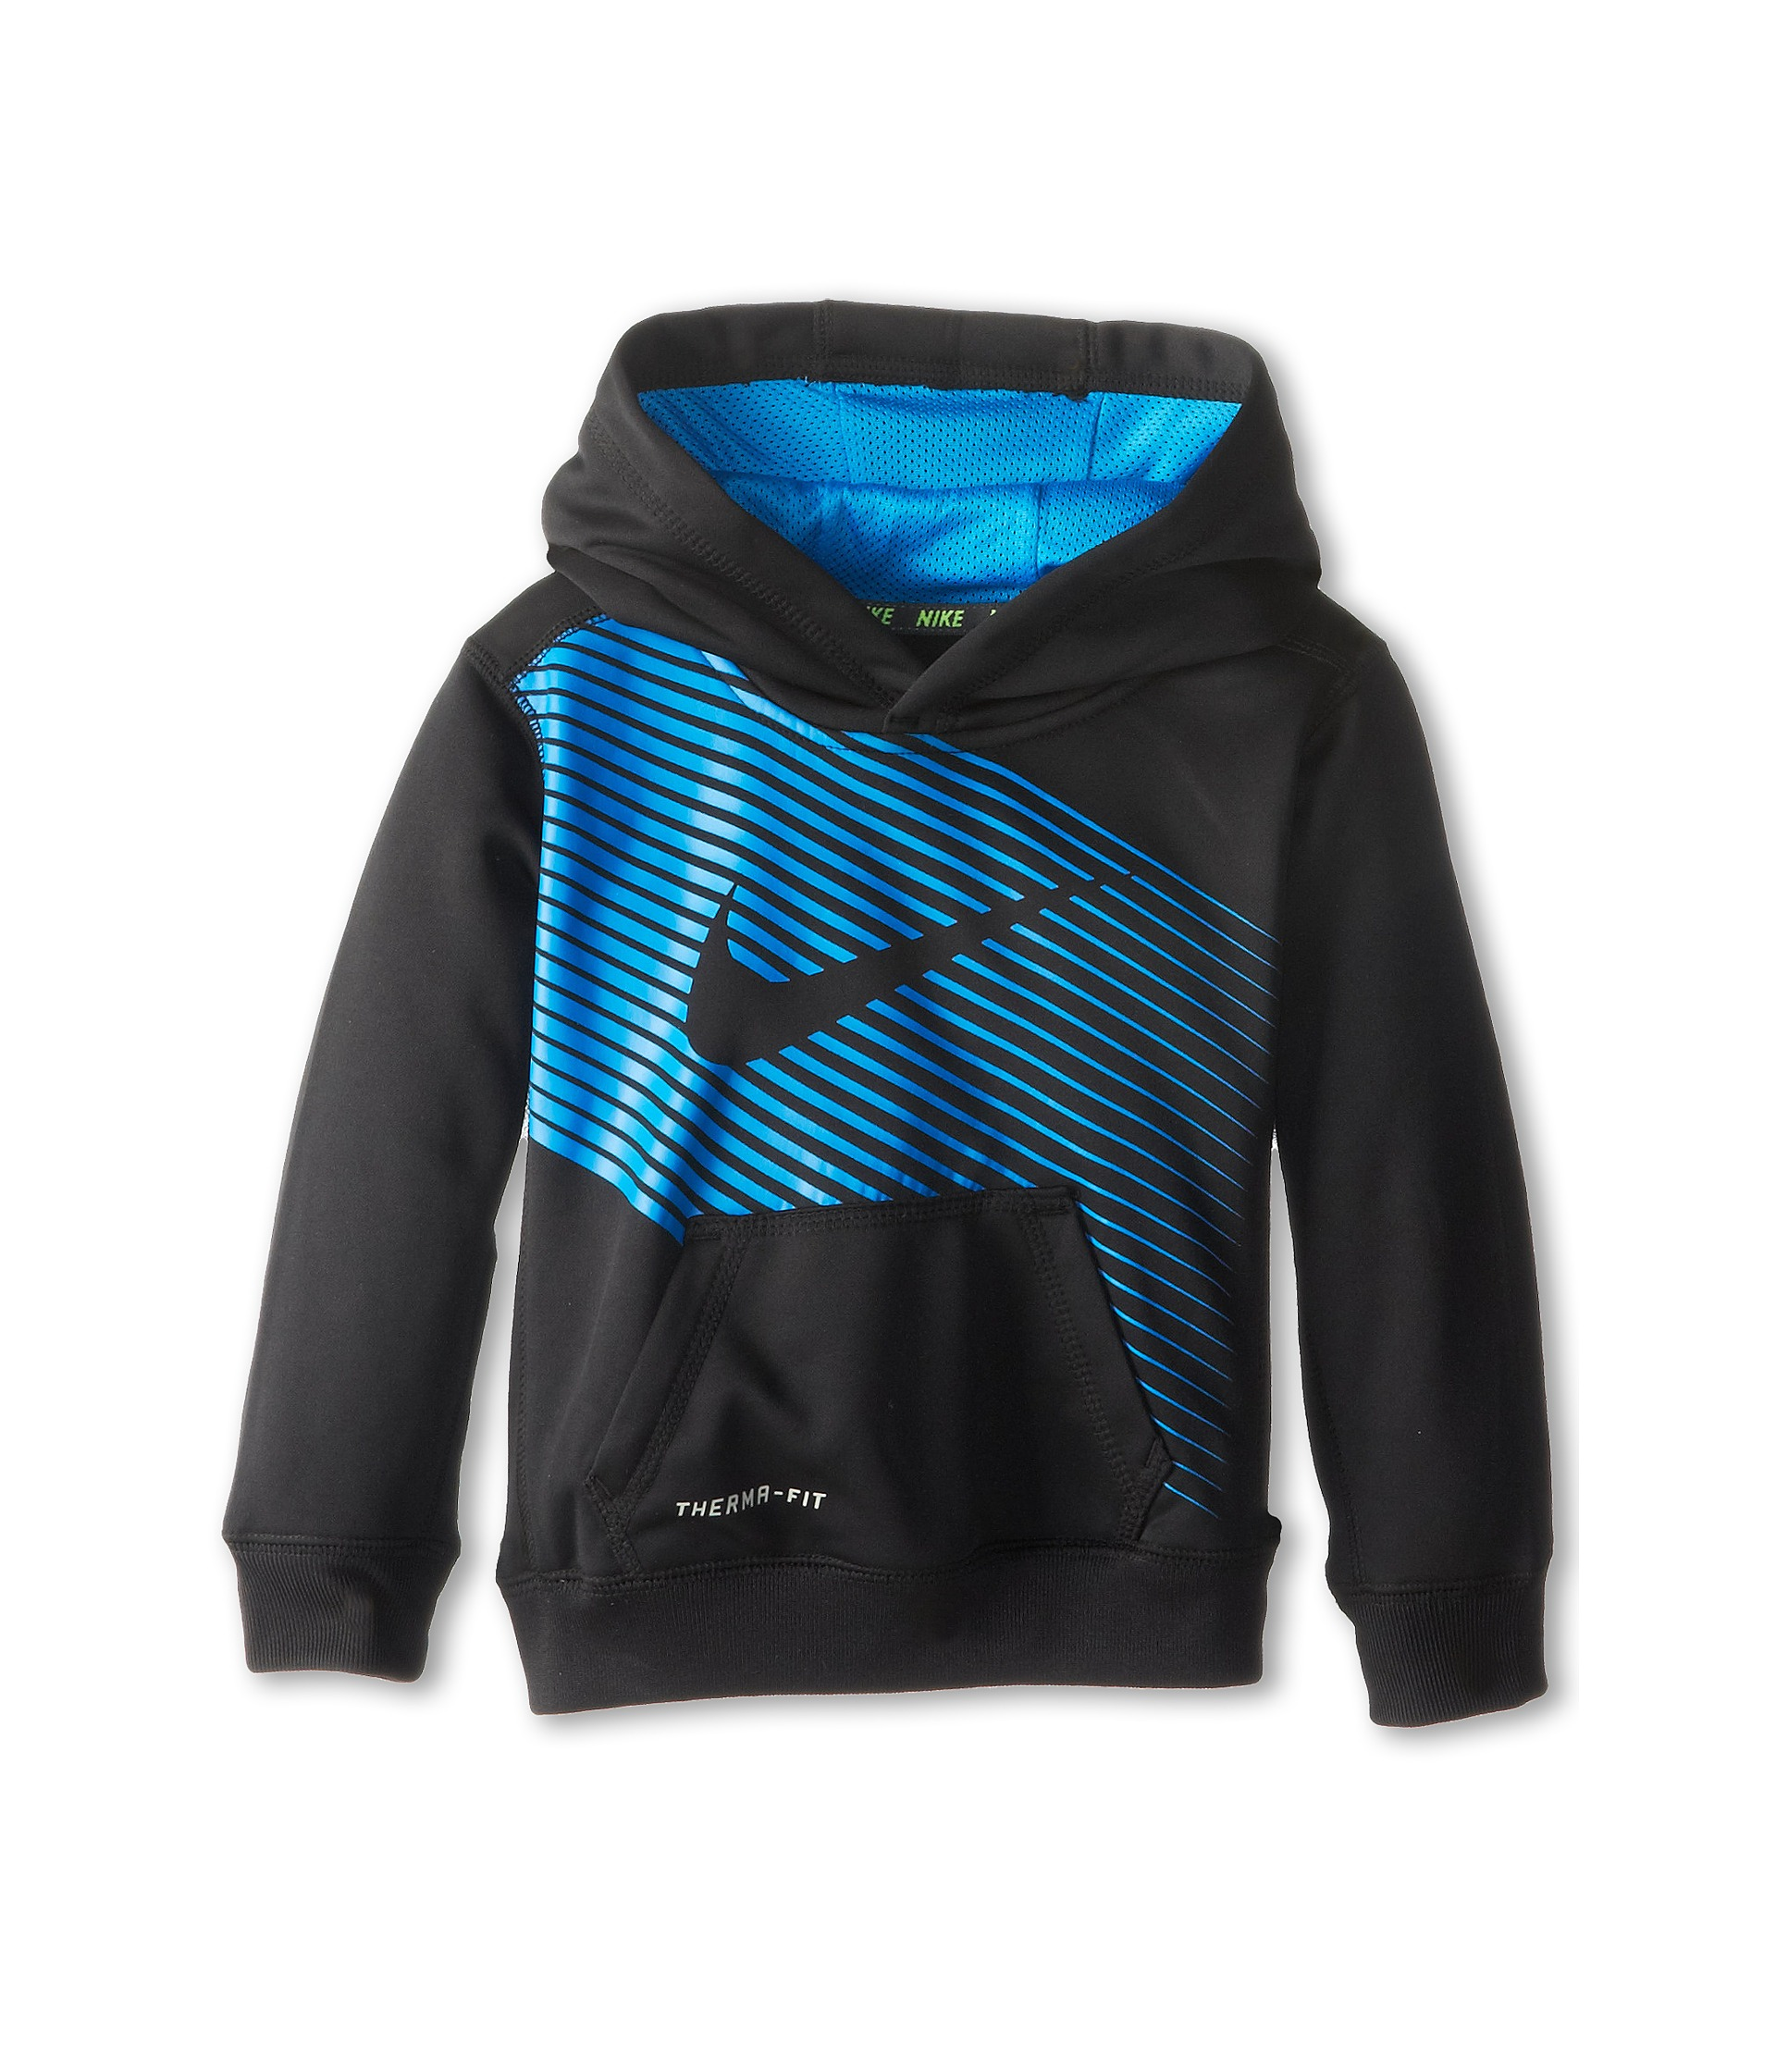 Nike Kids Ko Swoosh Gfx Hoodie Toddler Black | Shipped ...